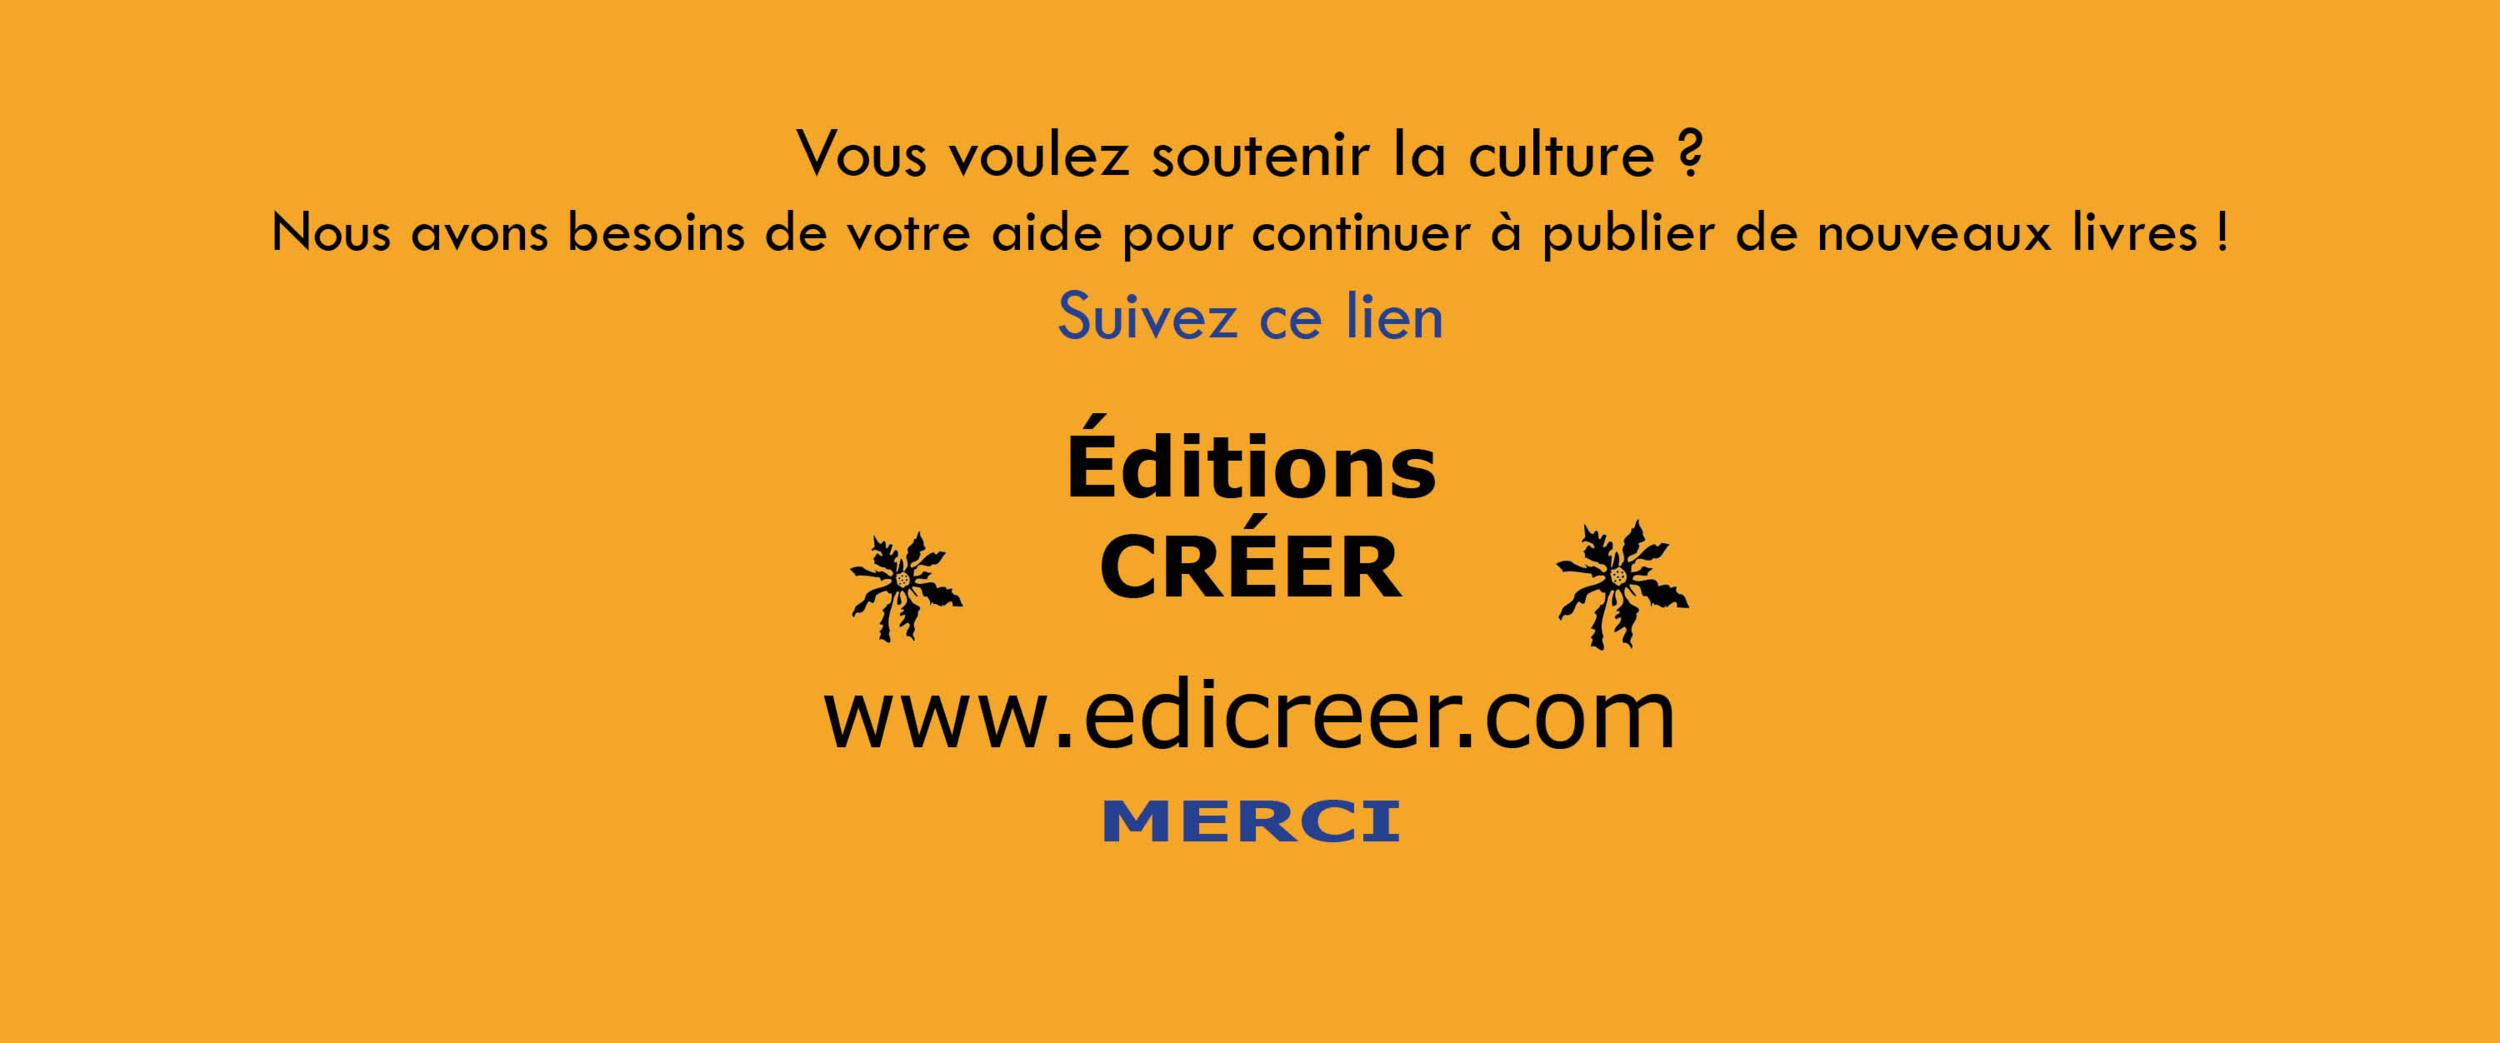 Cagnotte éditions CRÉER